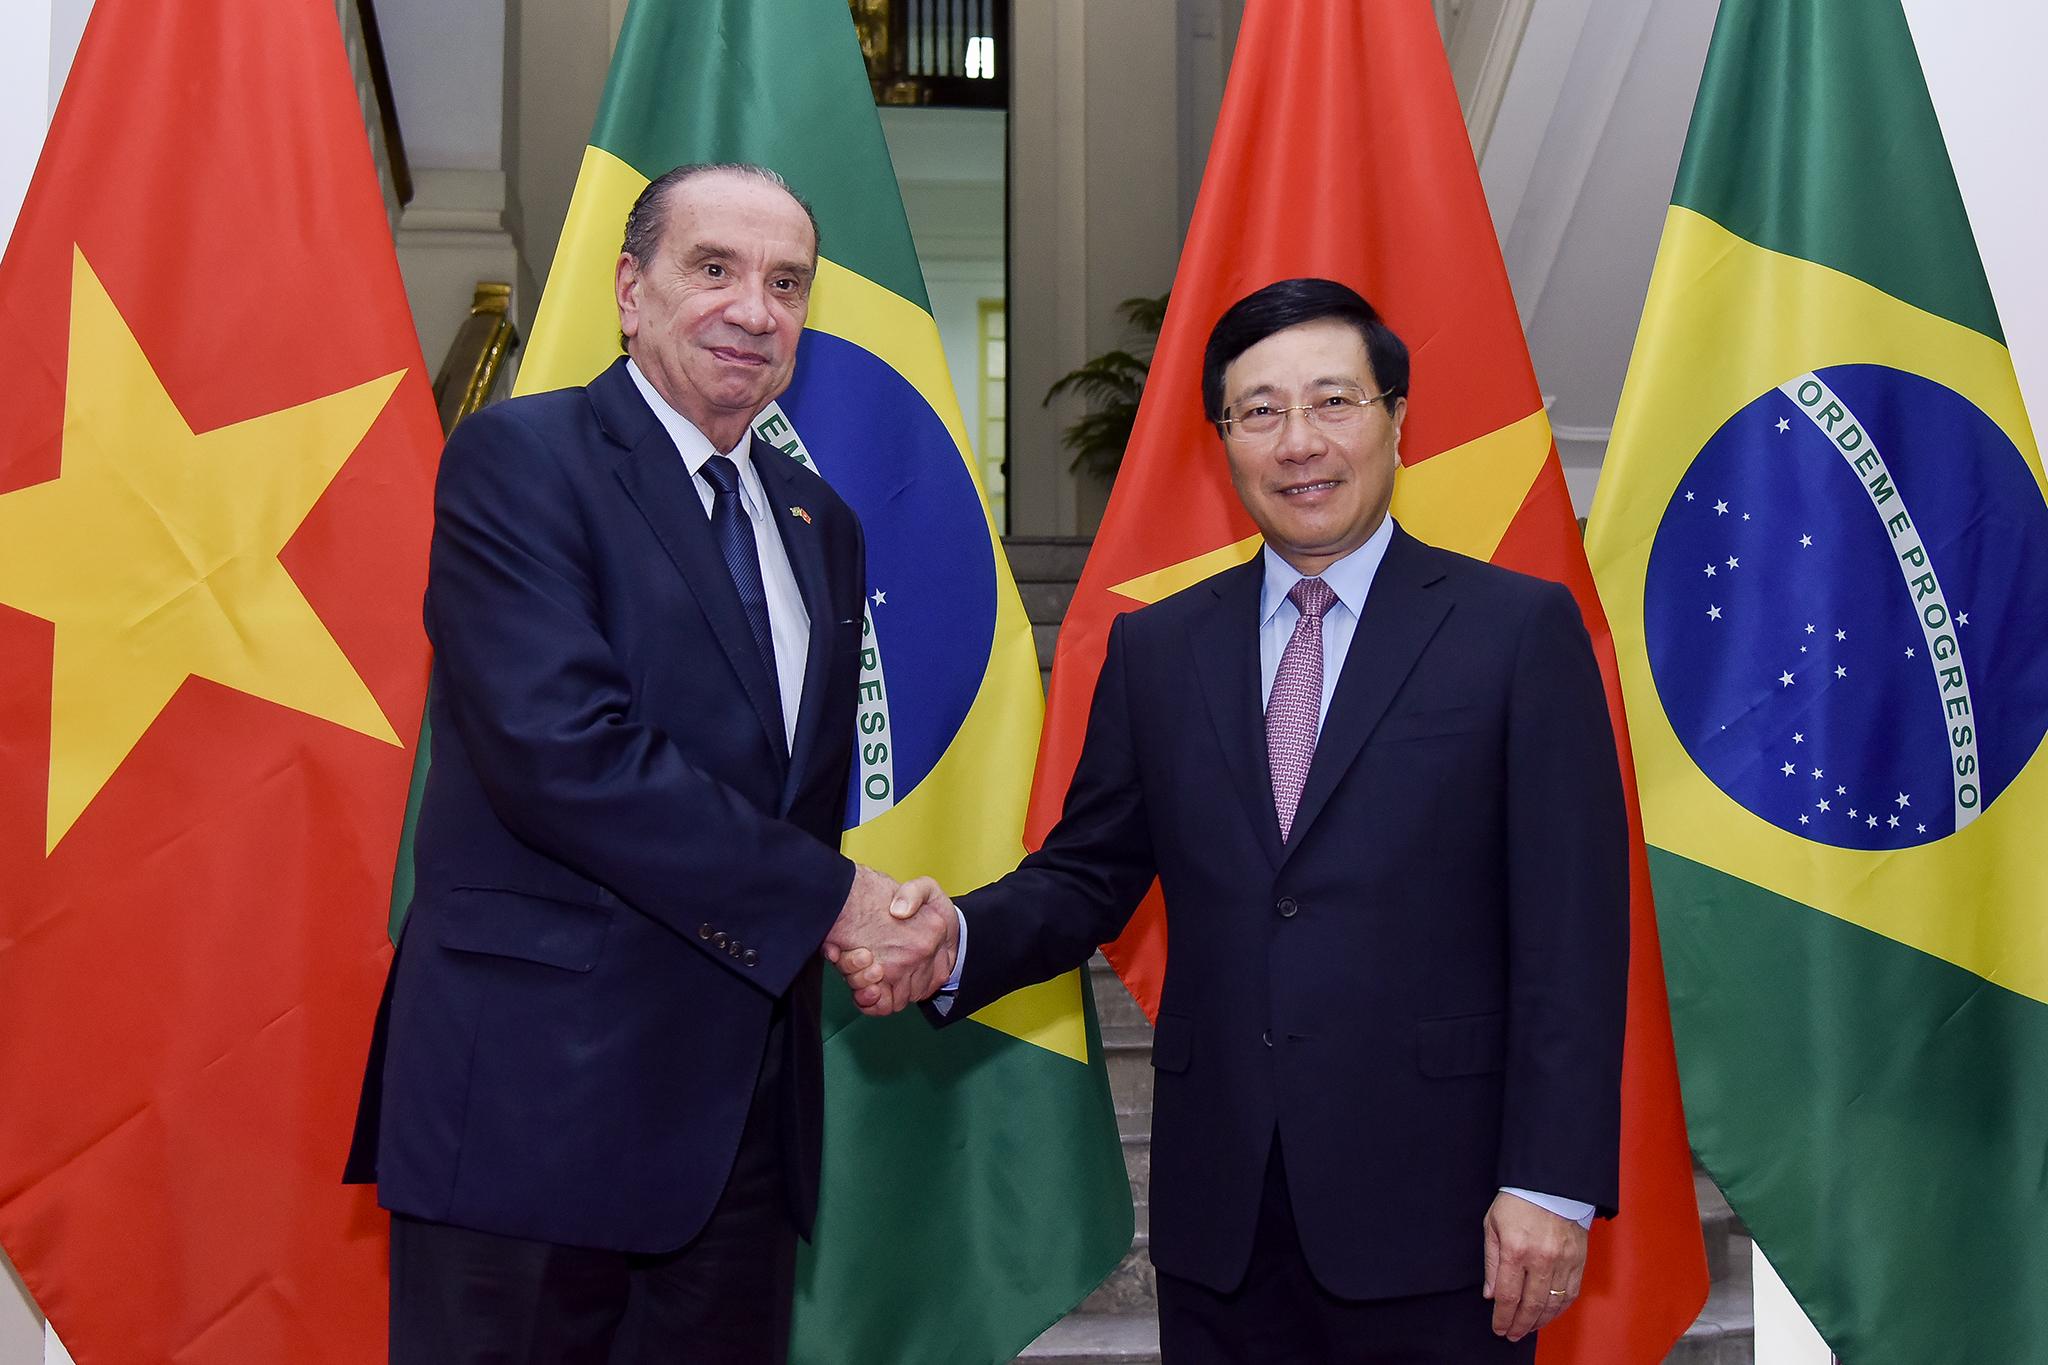 Việt Nam coi trọng vị thế quốc tế ngày càng tăng của Bra-xin